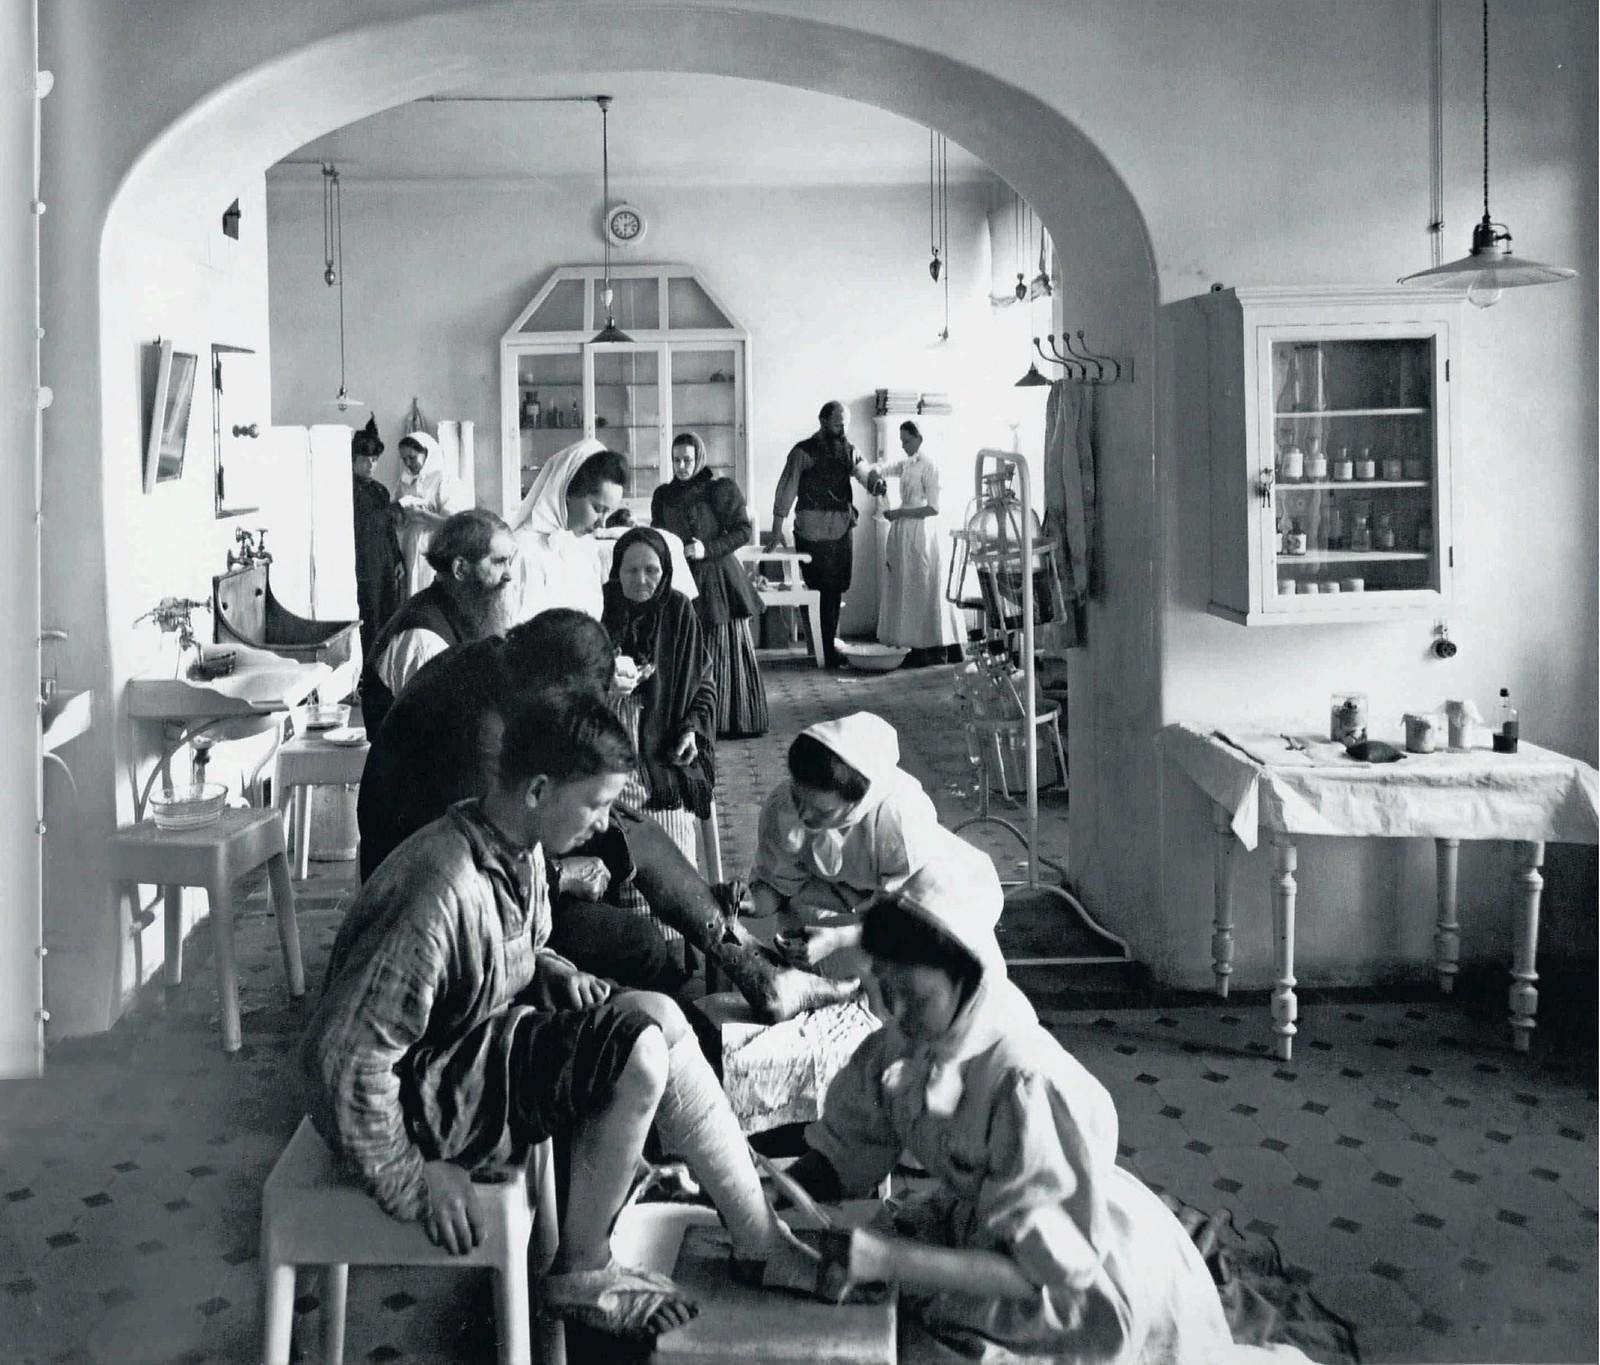 83. 1914. Сёстры милосердия в перевязочной общины св. Евгении